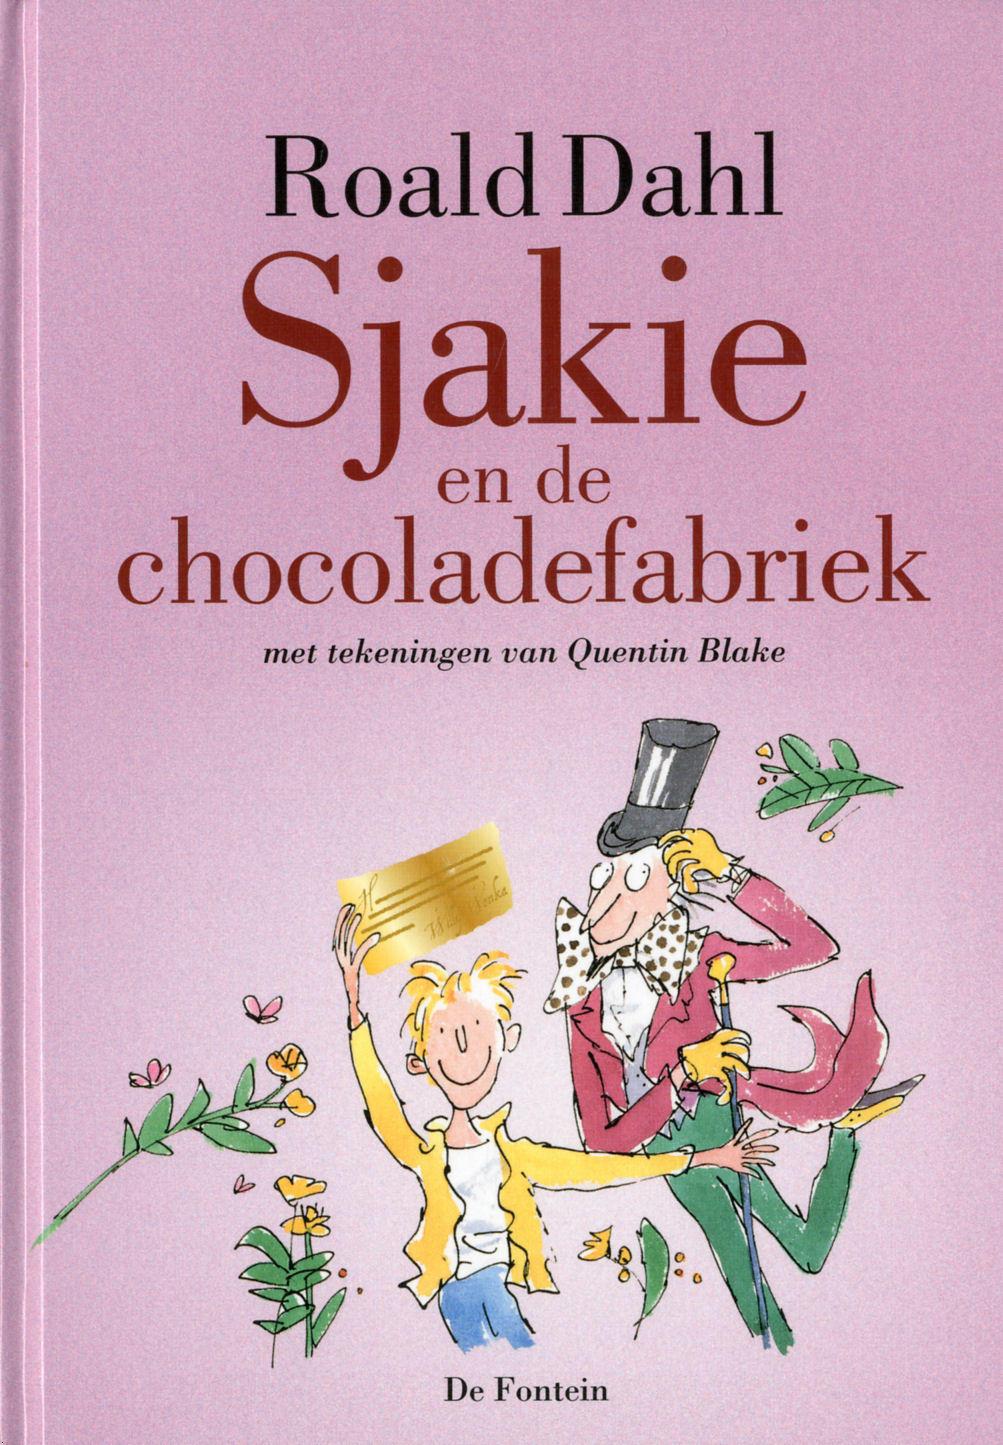 sjakie en de chocoladefabriek roald dahl book covers